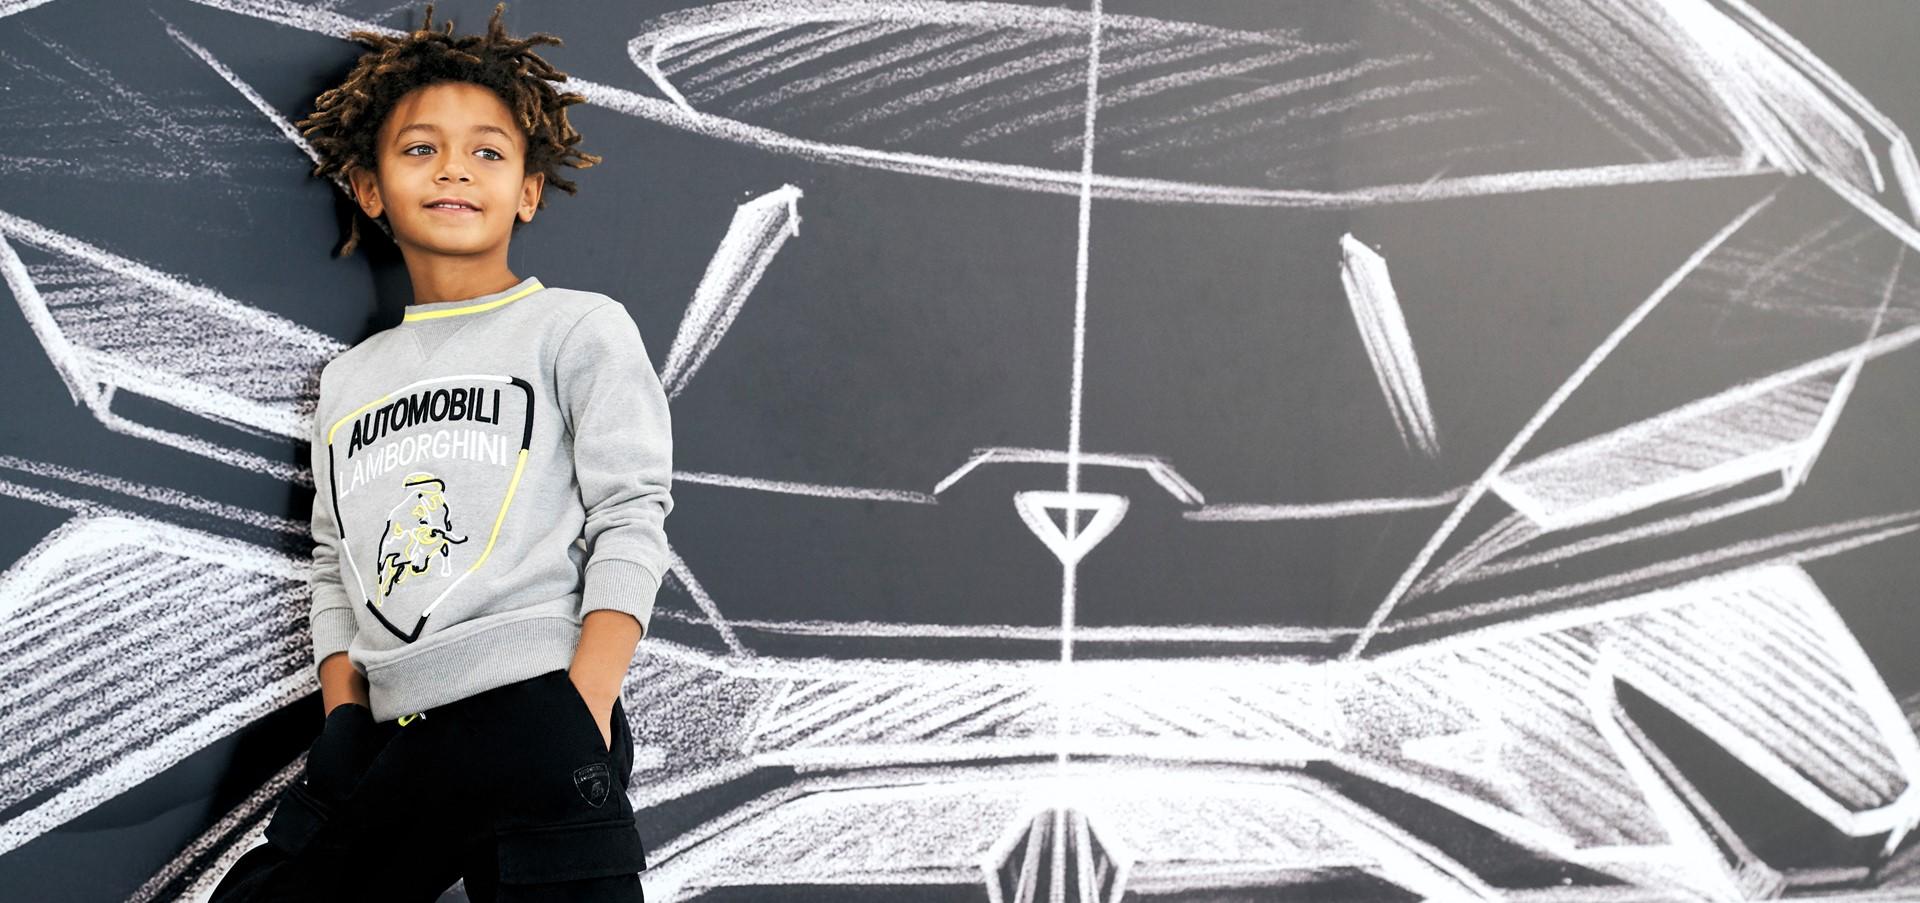 Al via una nuova collaborazione tra Automobili Lamborghini..